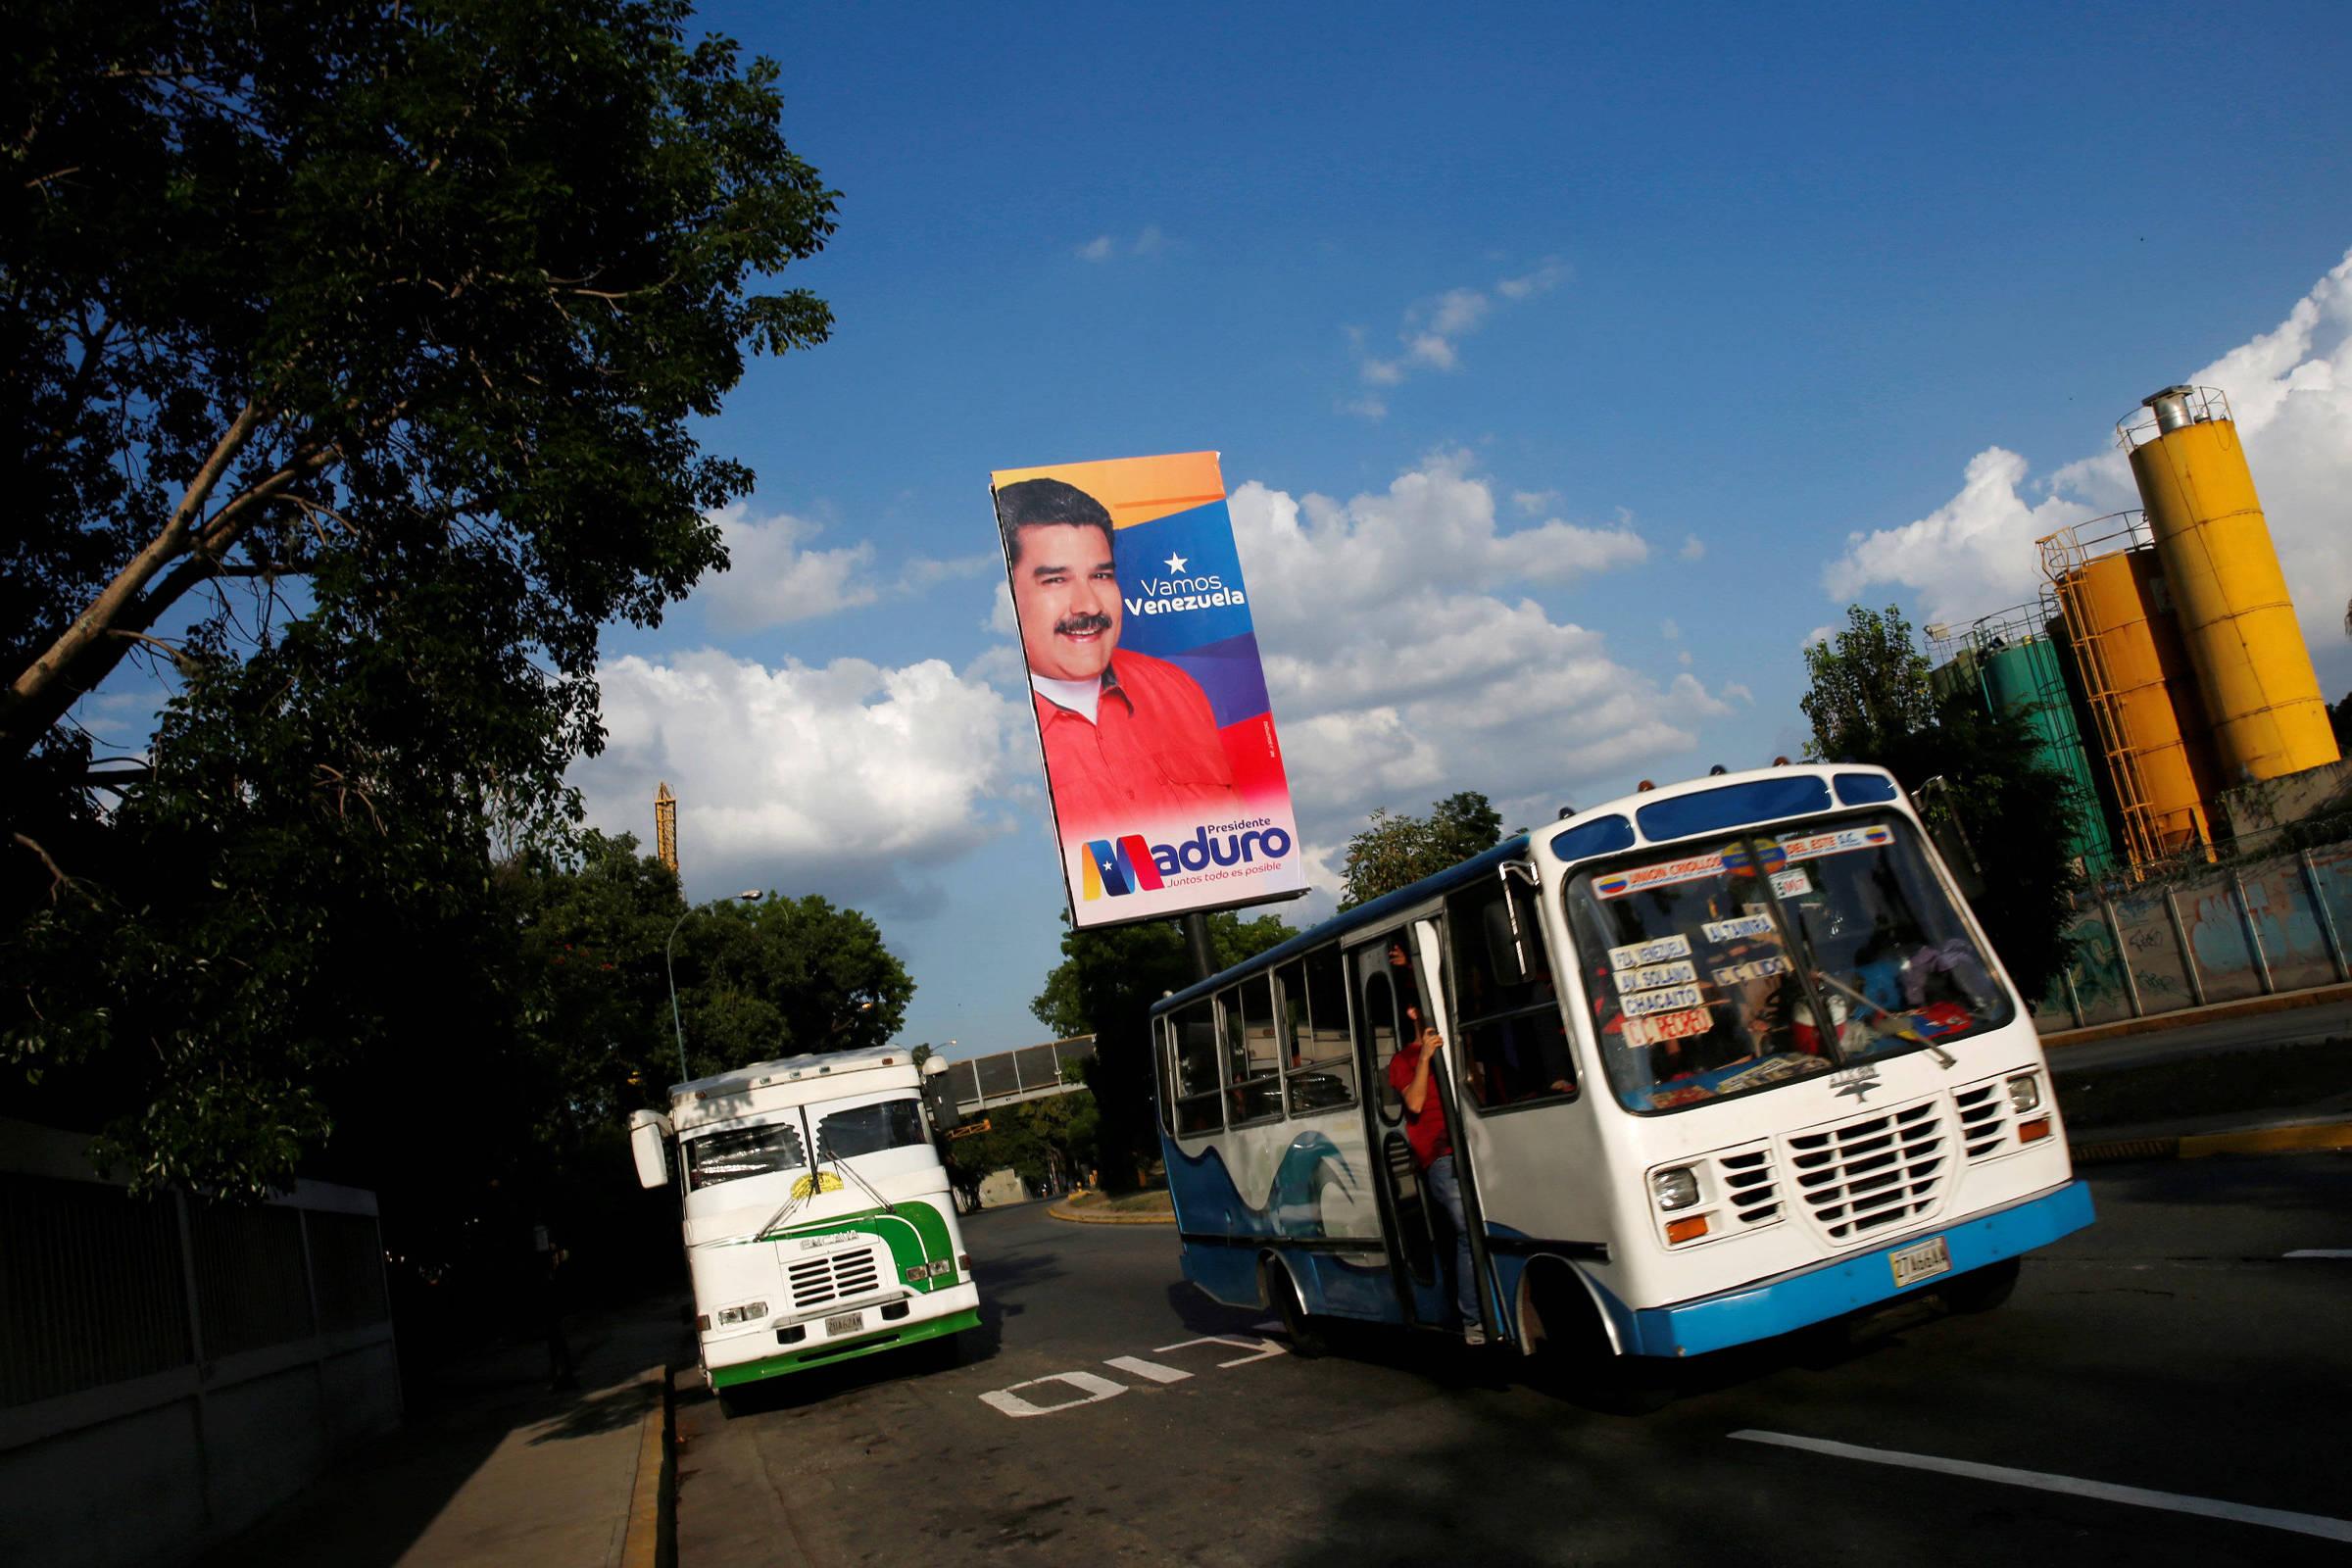 Crise econômica faz carros desaparecerem das ruas da capital venezuelana